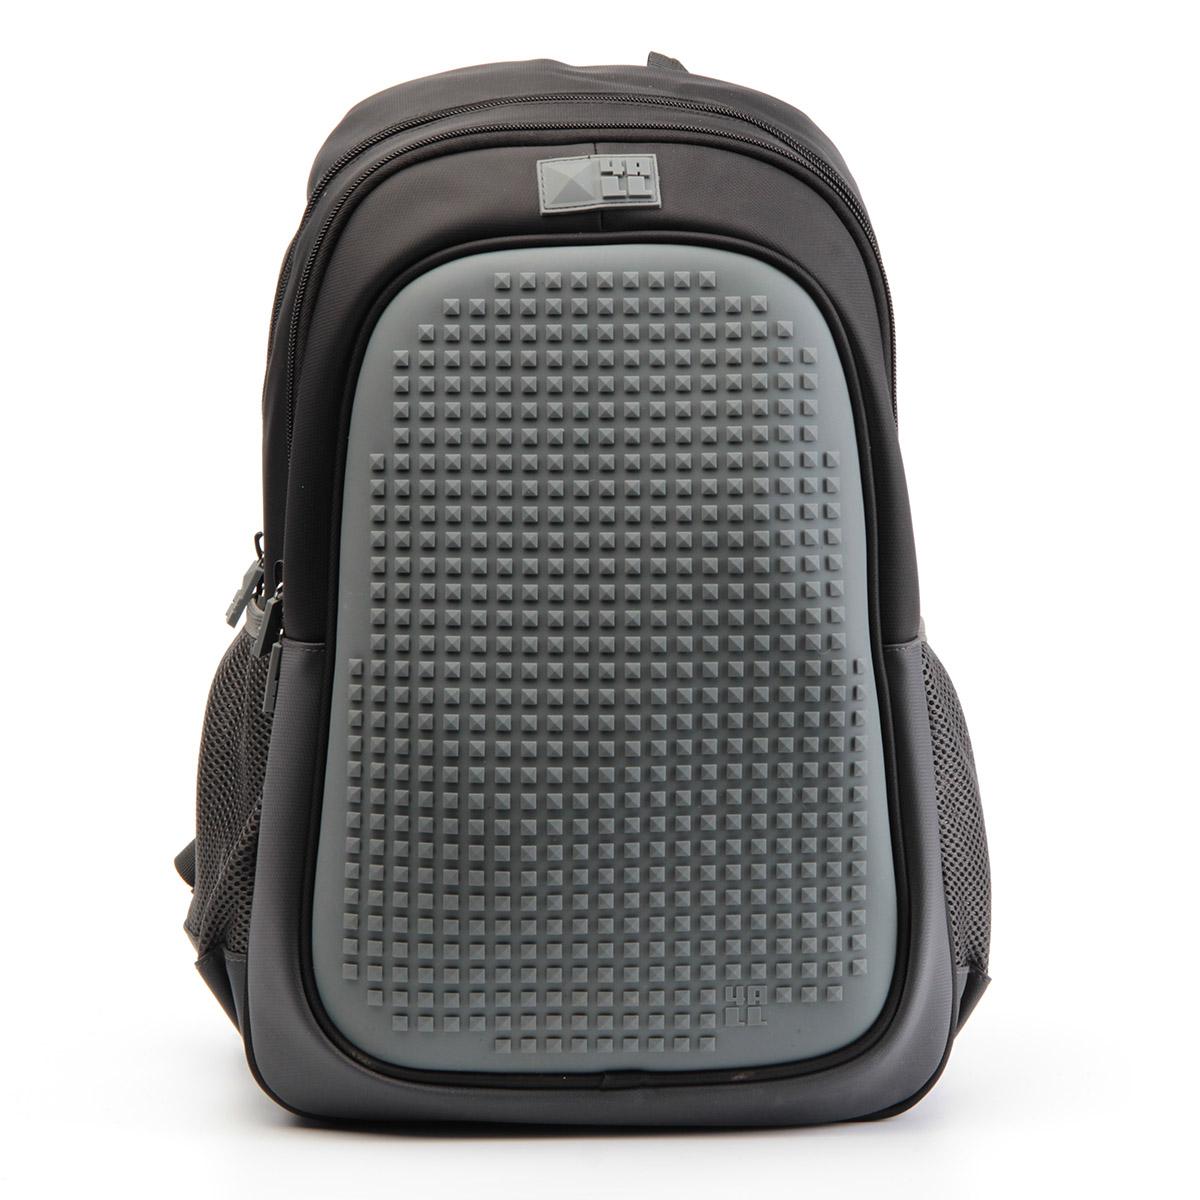 4ALL Рюкзак Case цвет черныйRT63-03NРюкзак 4ALL - это одновременно яркий, функциональный школьный аксессуар и площадка длясамовыражения. Уникальные рюкзаки Case имеют гипоаллергенную силиконовую панель иразноцветные мозаичные биты, с помощью которых на рюкзаке можно создавать графическиешедевры хоть каждый день!Модель выполнена из полиэстера с водоотталкивающейпропиткой. Рюкзак имеет 2 отделения, снаружи расположены 2 боковых сетчатых кармана.Система Air Comfort System обеспечивает свободную циркуляцию воздухамежду задней стенкой рюкзака и спиной ребенка. Система Ergo System служит равномерномураспределению нагрузки на спину ребенка, сохранению правильной осанки. Она способна сделатьрюкзак, наполненный учебниками, легким.Ортопедическая спинка как корсет поддерживаетпозвоночник, правильно распределяя нагрузку. Простая и удобная конструкция спины и лямокпозволяет использовать рюкзак даже деткам от 3-х лет.Светоотражающие вставки отвечаютза безопасность ребенка в темное время суток.В комплекте 1 упаковка пикселей-битов 4-х цветов (200 штук) и инструкция для создания базовой картинки.